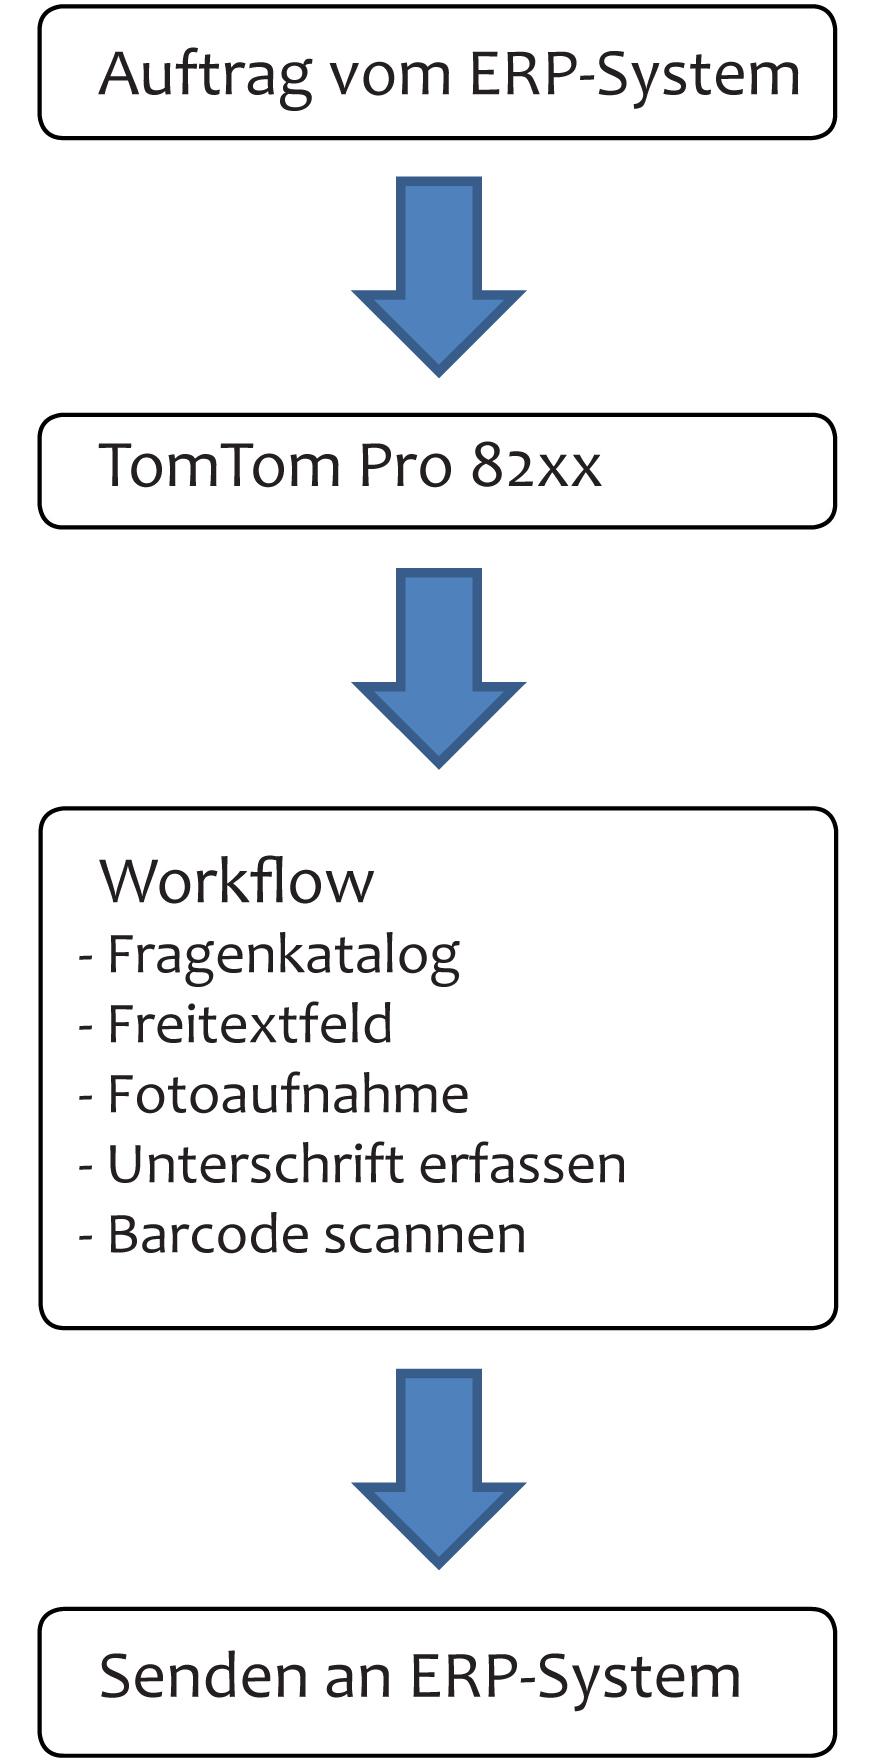 Schemata des Datentransfers: Auftrag vom ERP-System → TomTom Pro 82xx → Workflow:Fragenkatalog, Freitextfeld, Fotoaufnahme, Unterschrift erfassen, Barcode scannen → Senden an ERP-Systemen